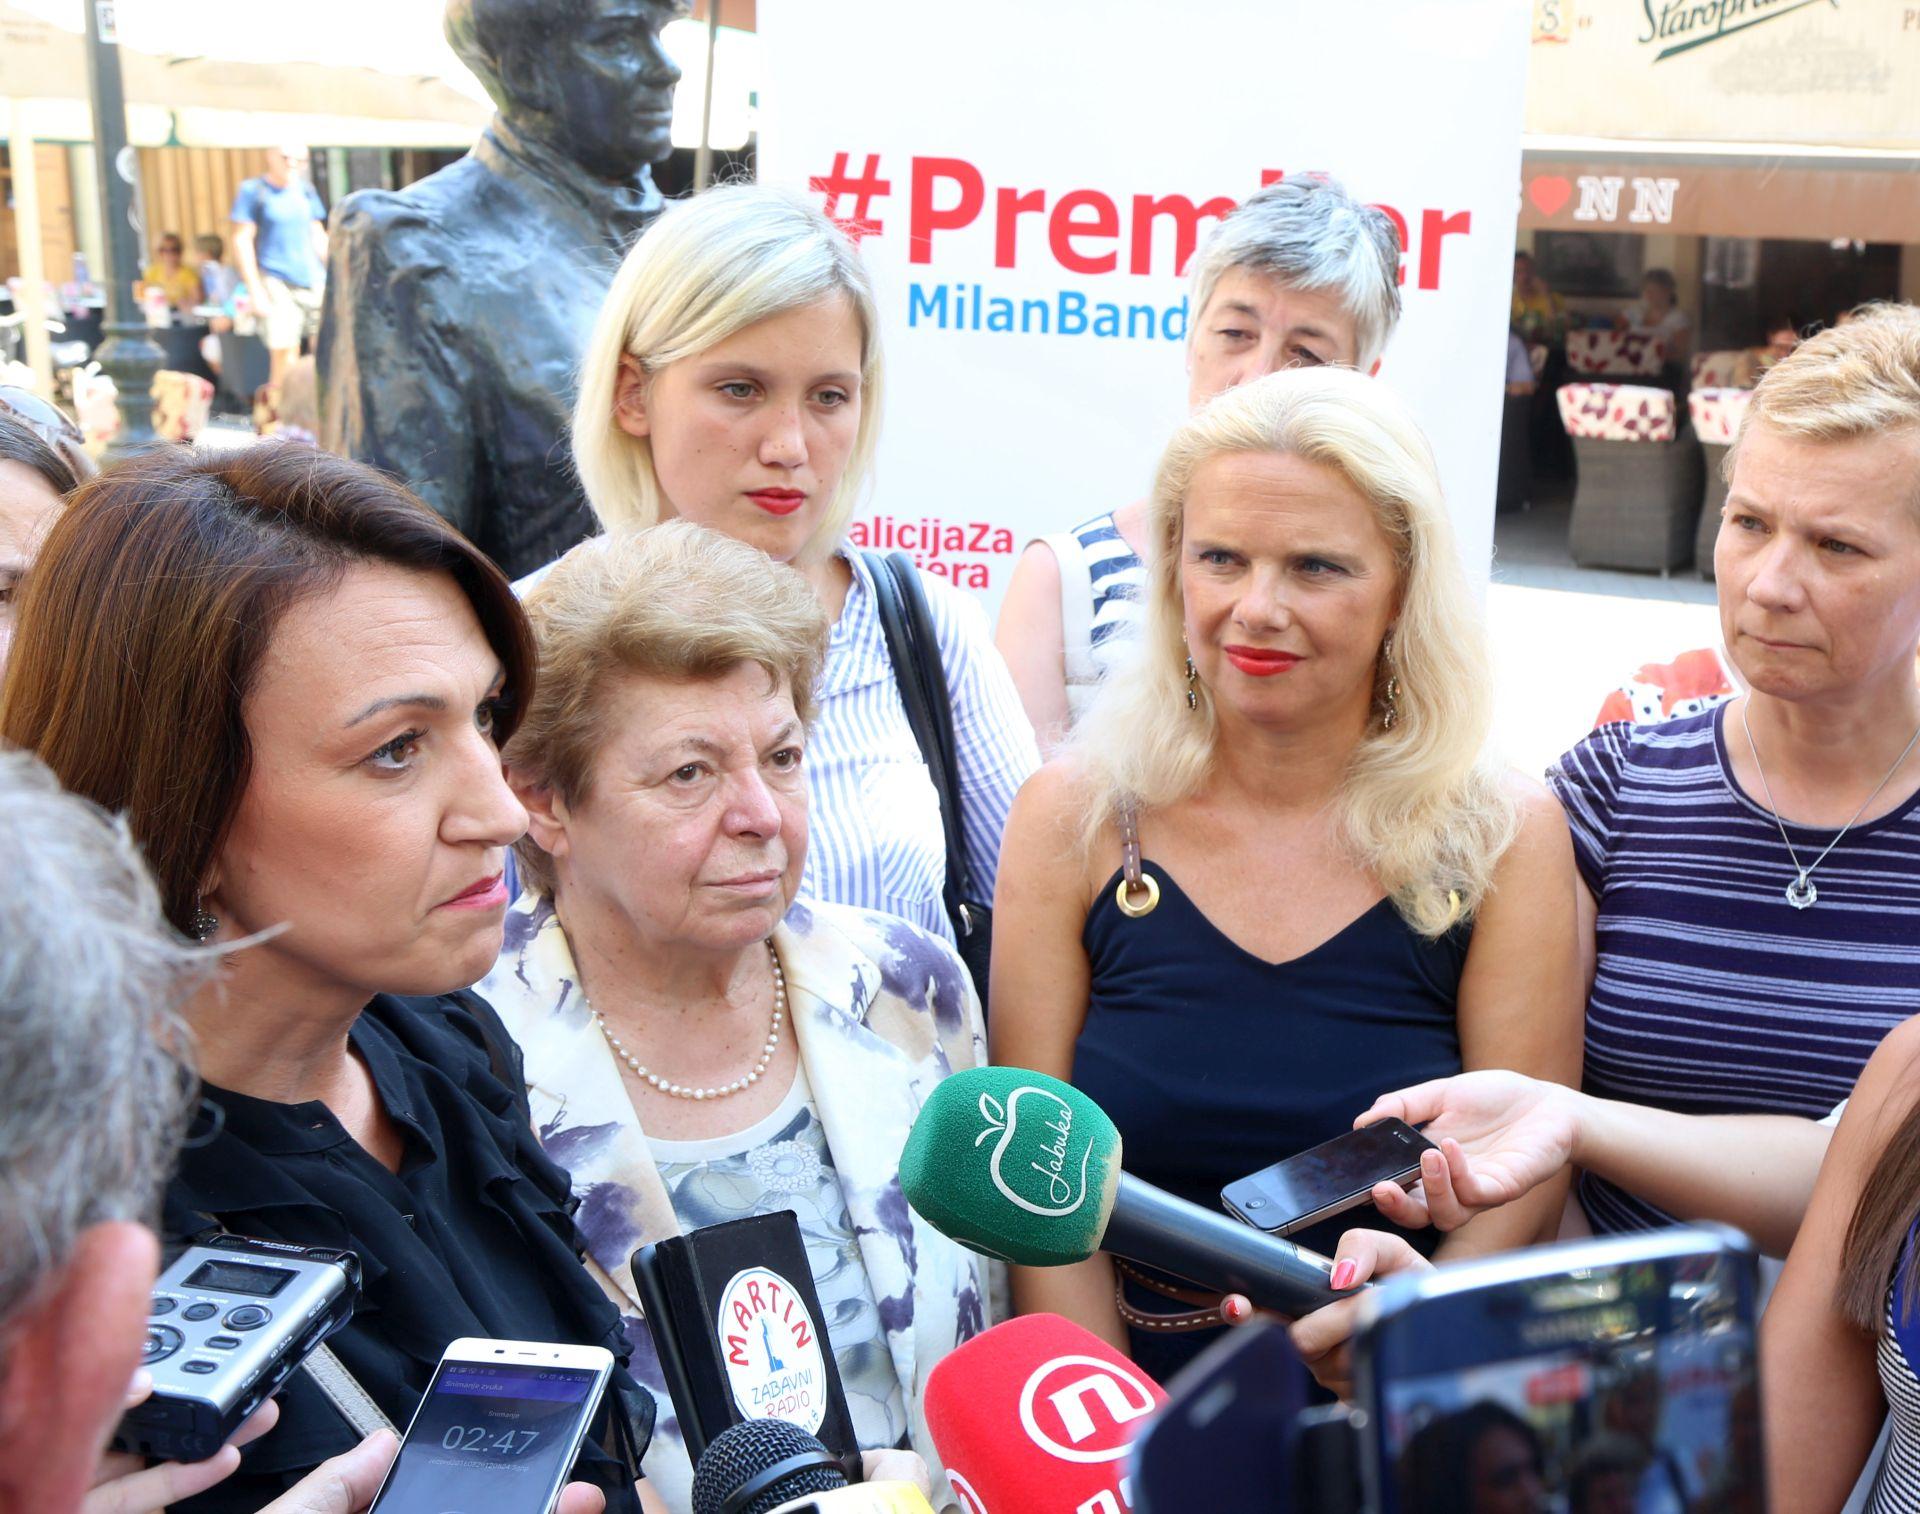 KOALICIJA ZA PREMIJERA: Kandidatkinje koalicije za veću zastupljenost žena u politici